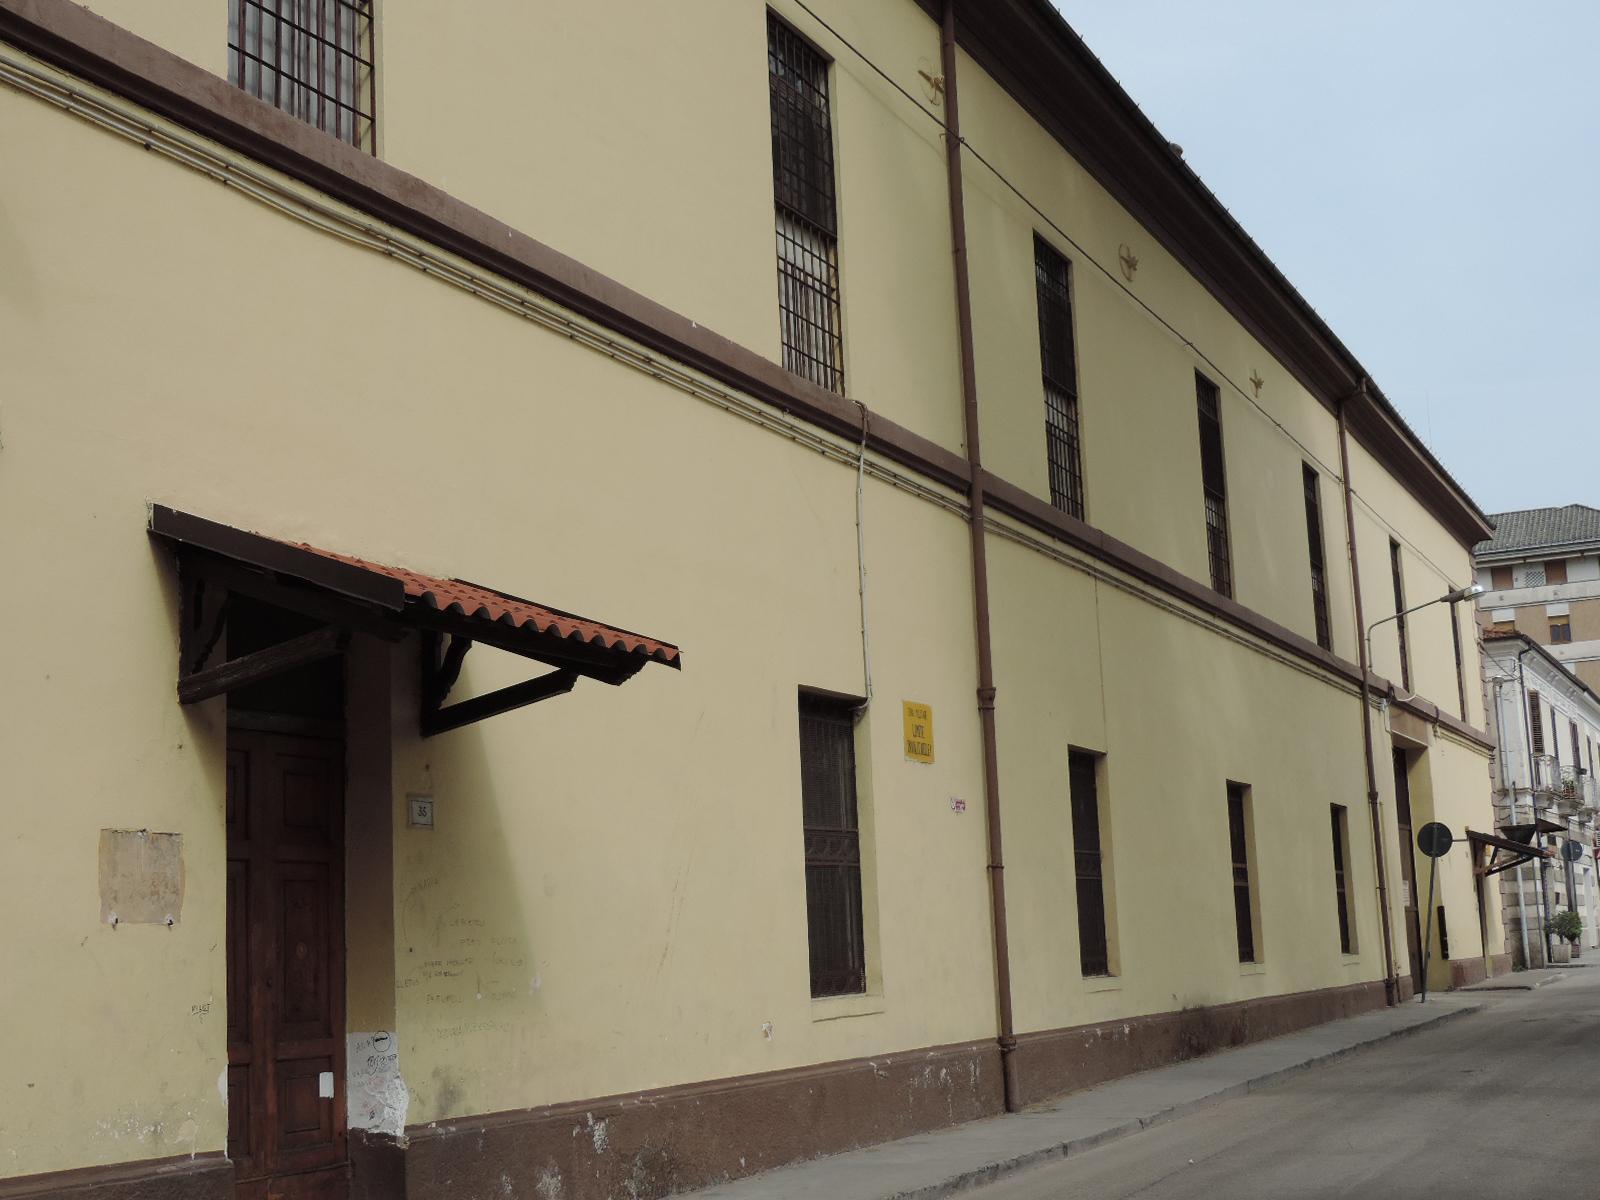 Bcc Montepulciano Nuova Sede centroabruzzonews: la asl cerca la nuova sede per il csm